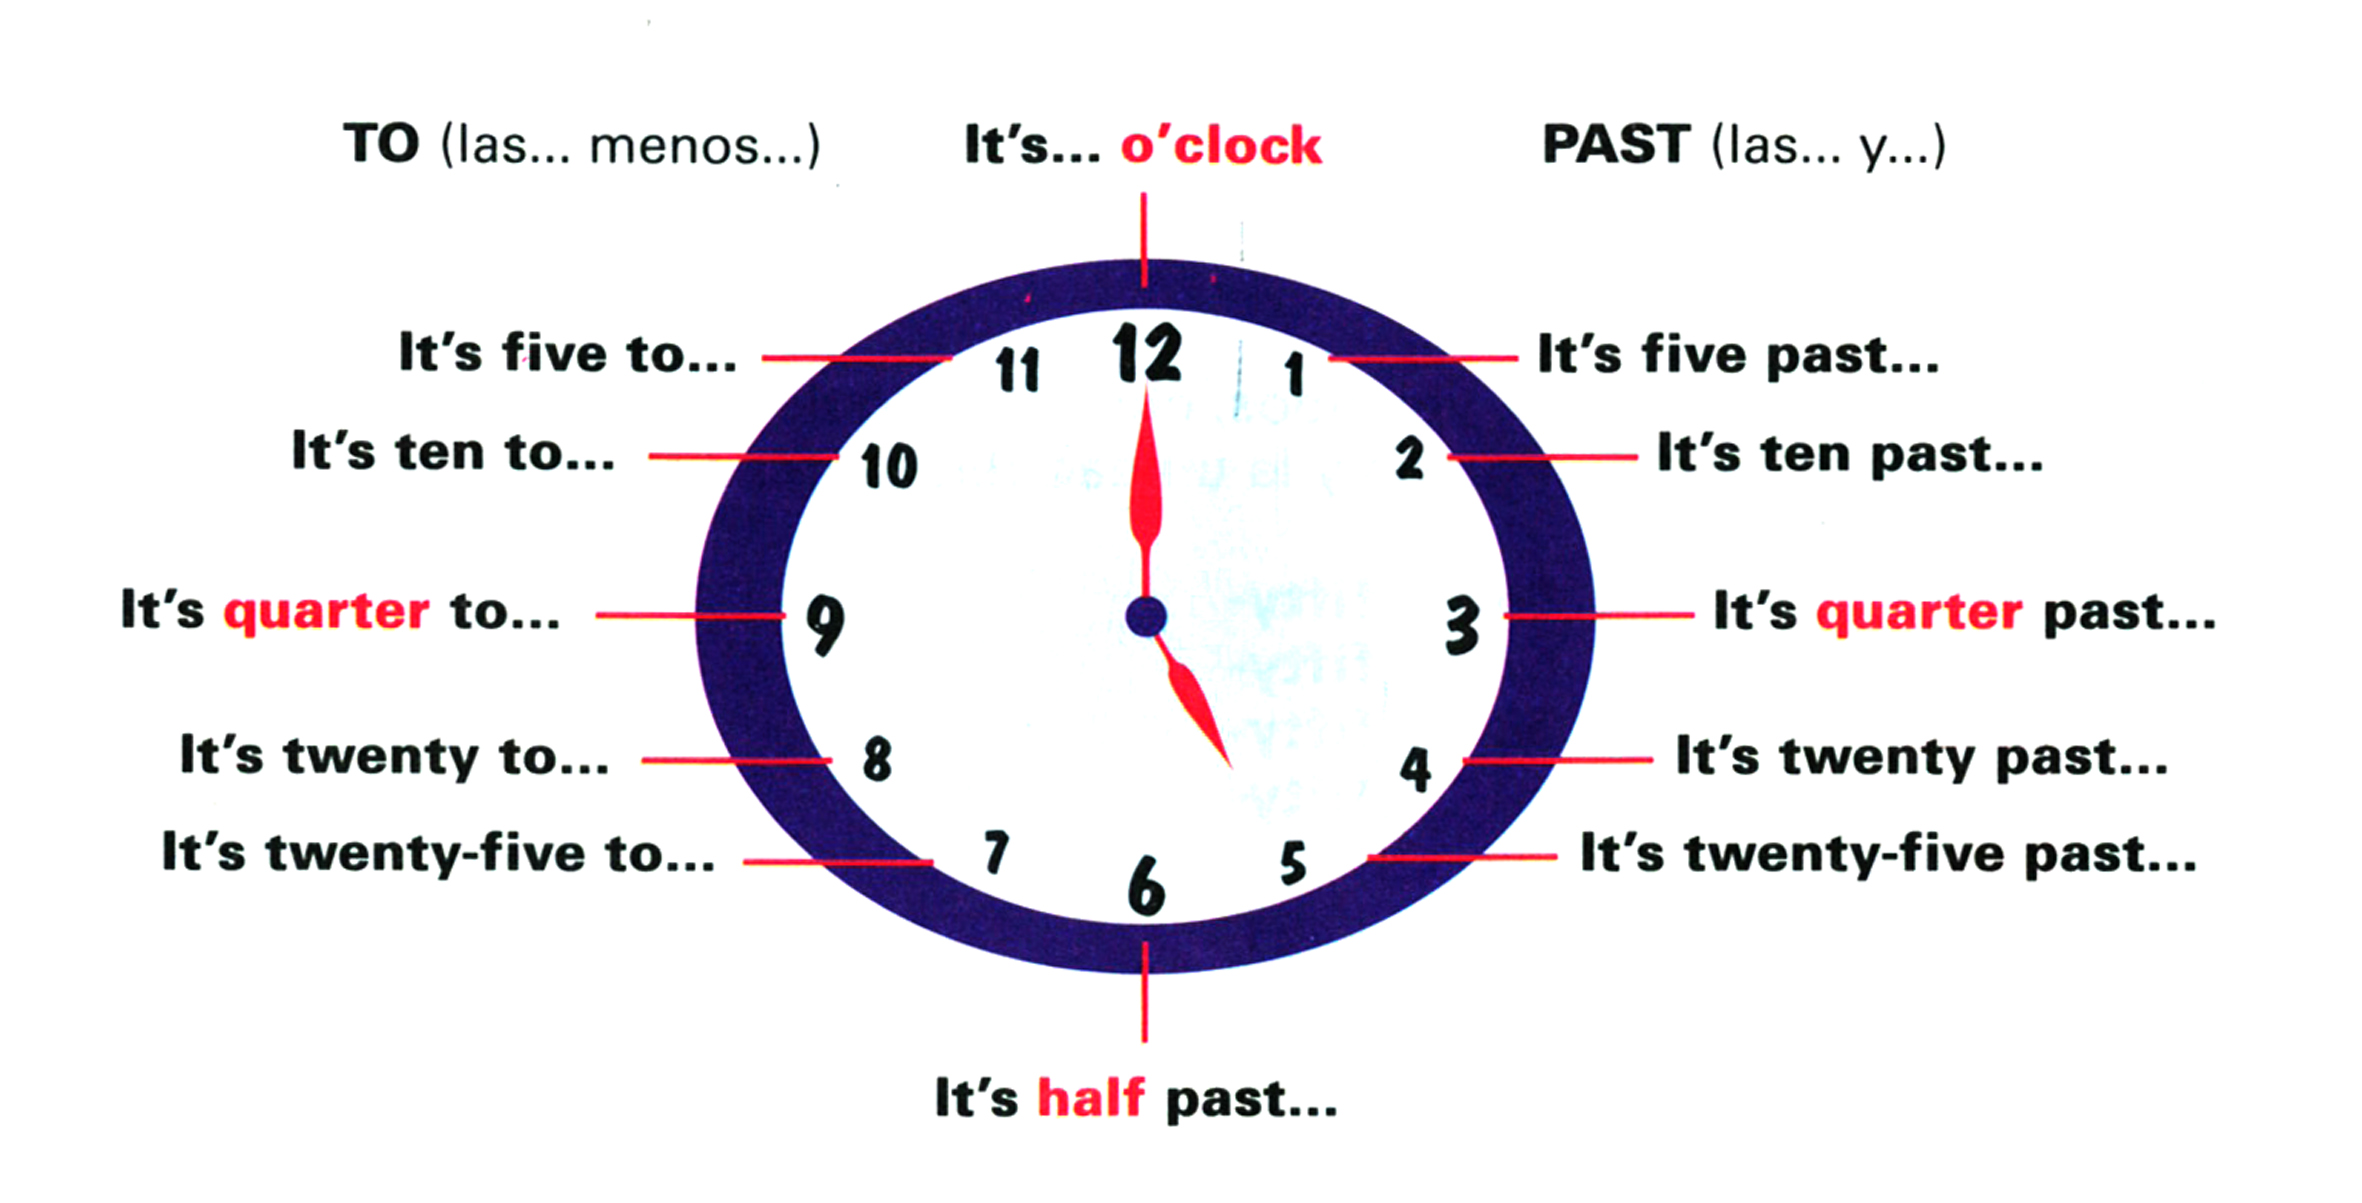 41 Como decir la hora y horarios oficiales - Maraltrix